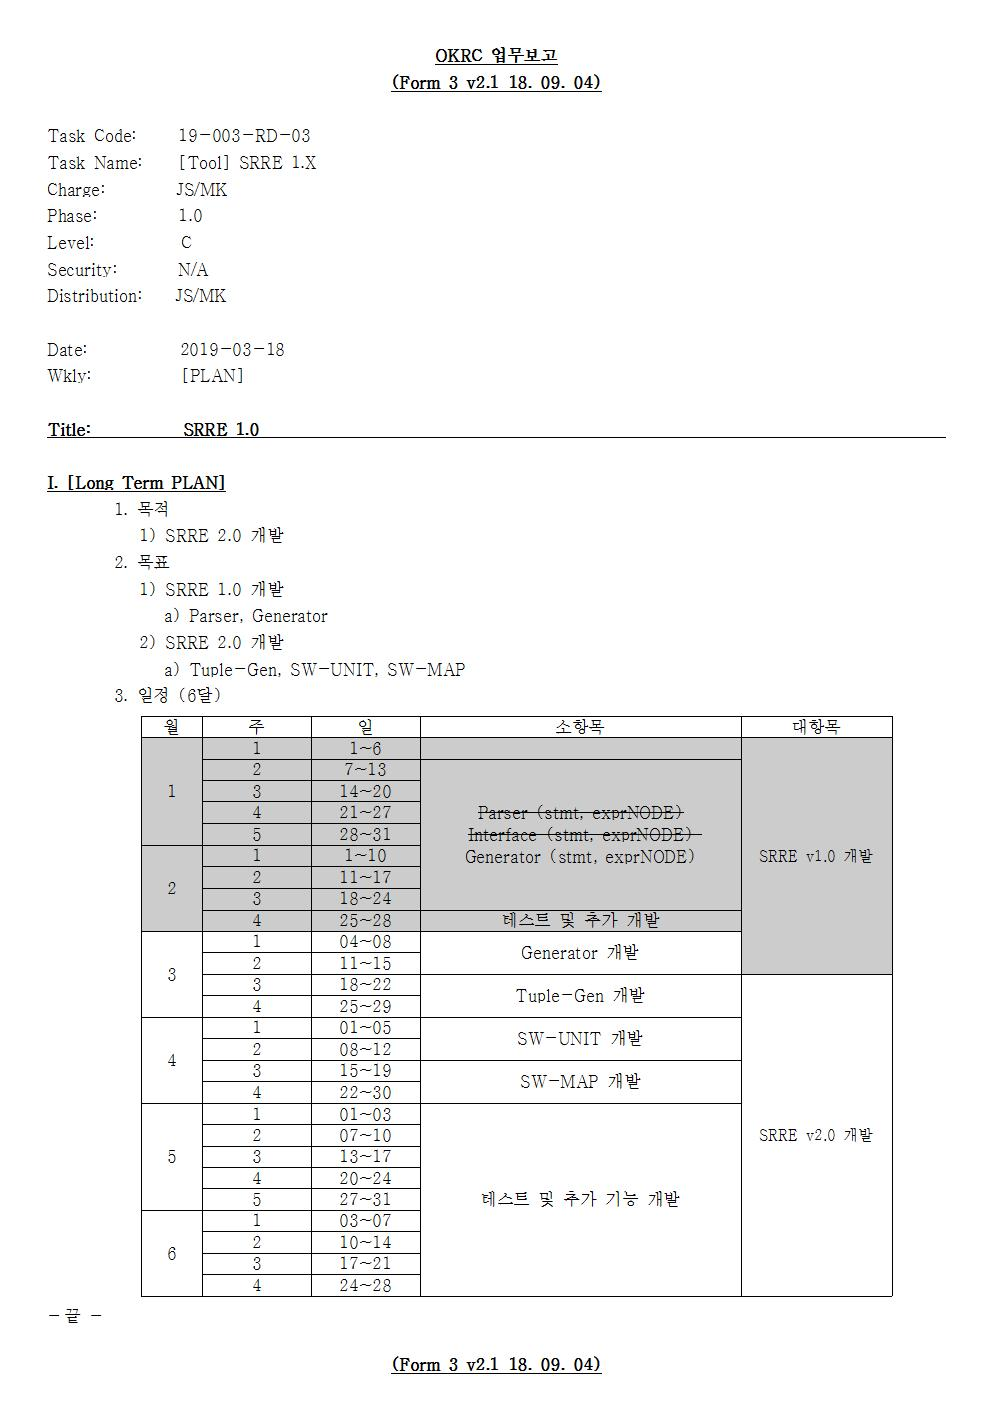 D-[19-003-RD-03]-[Tool-SRRE-1.X]-[2019-03-18][JS]001.jpg